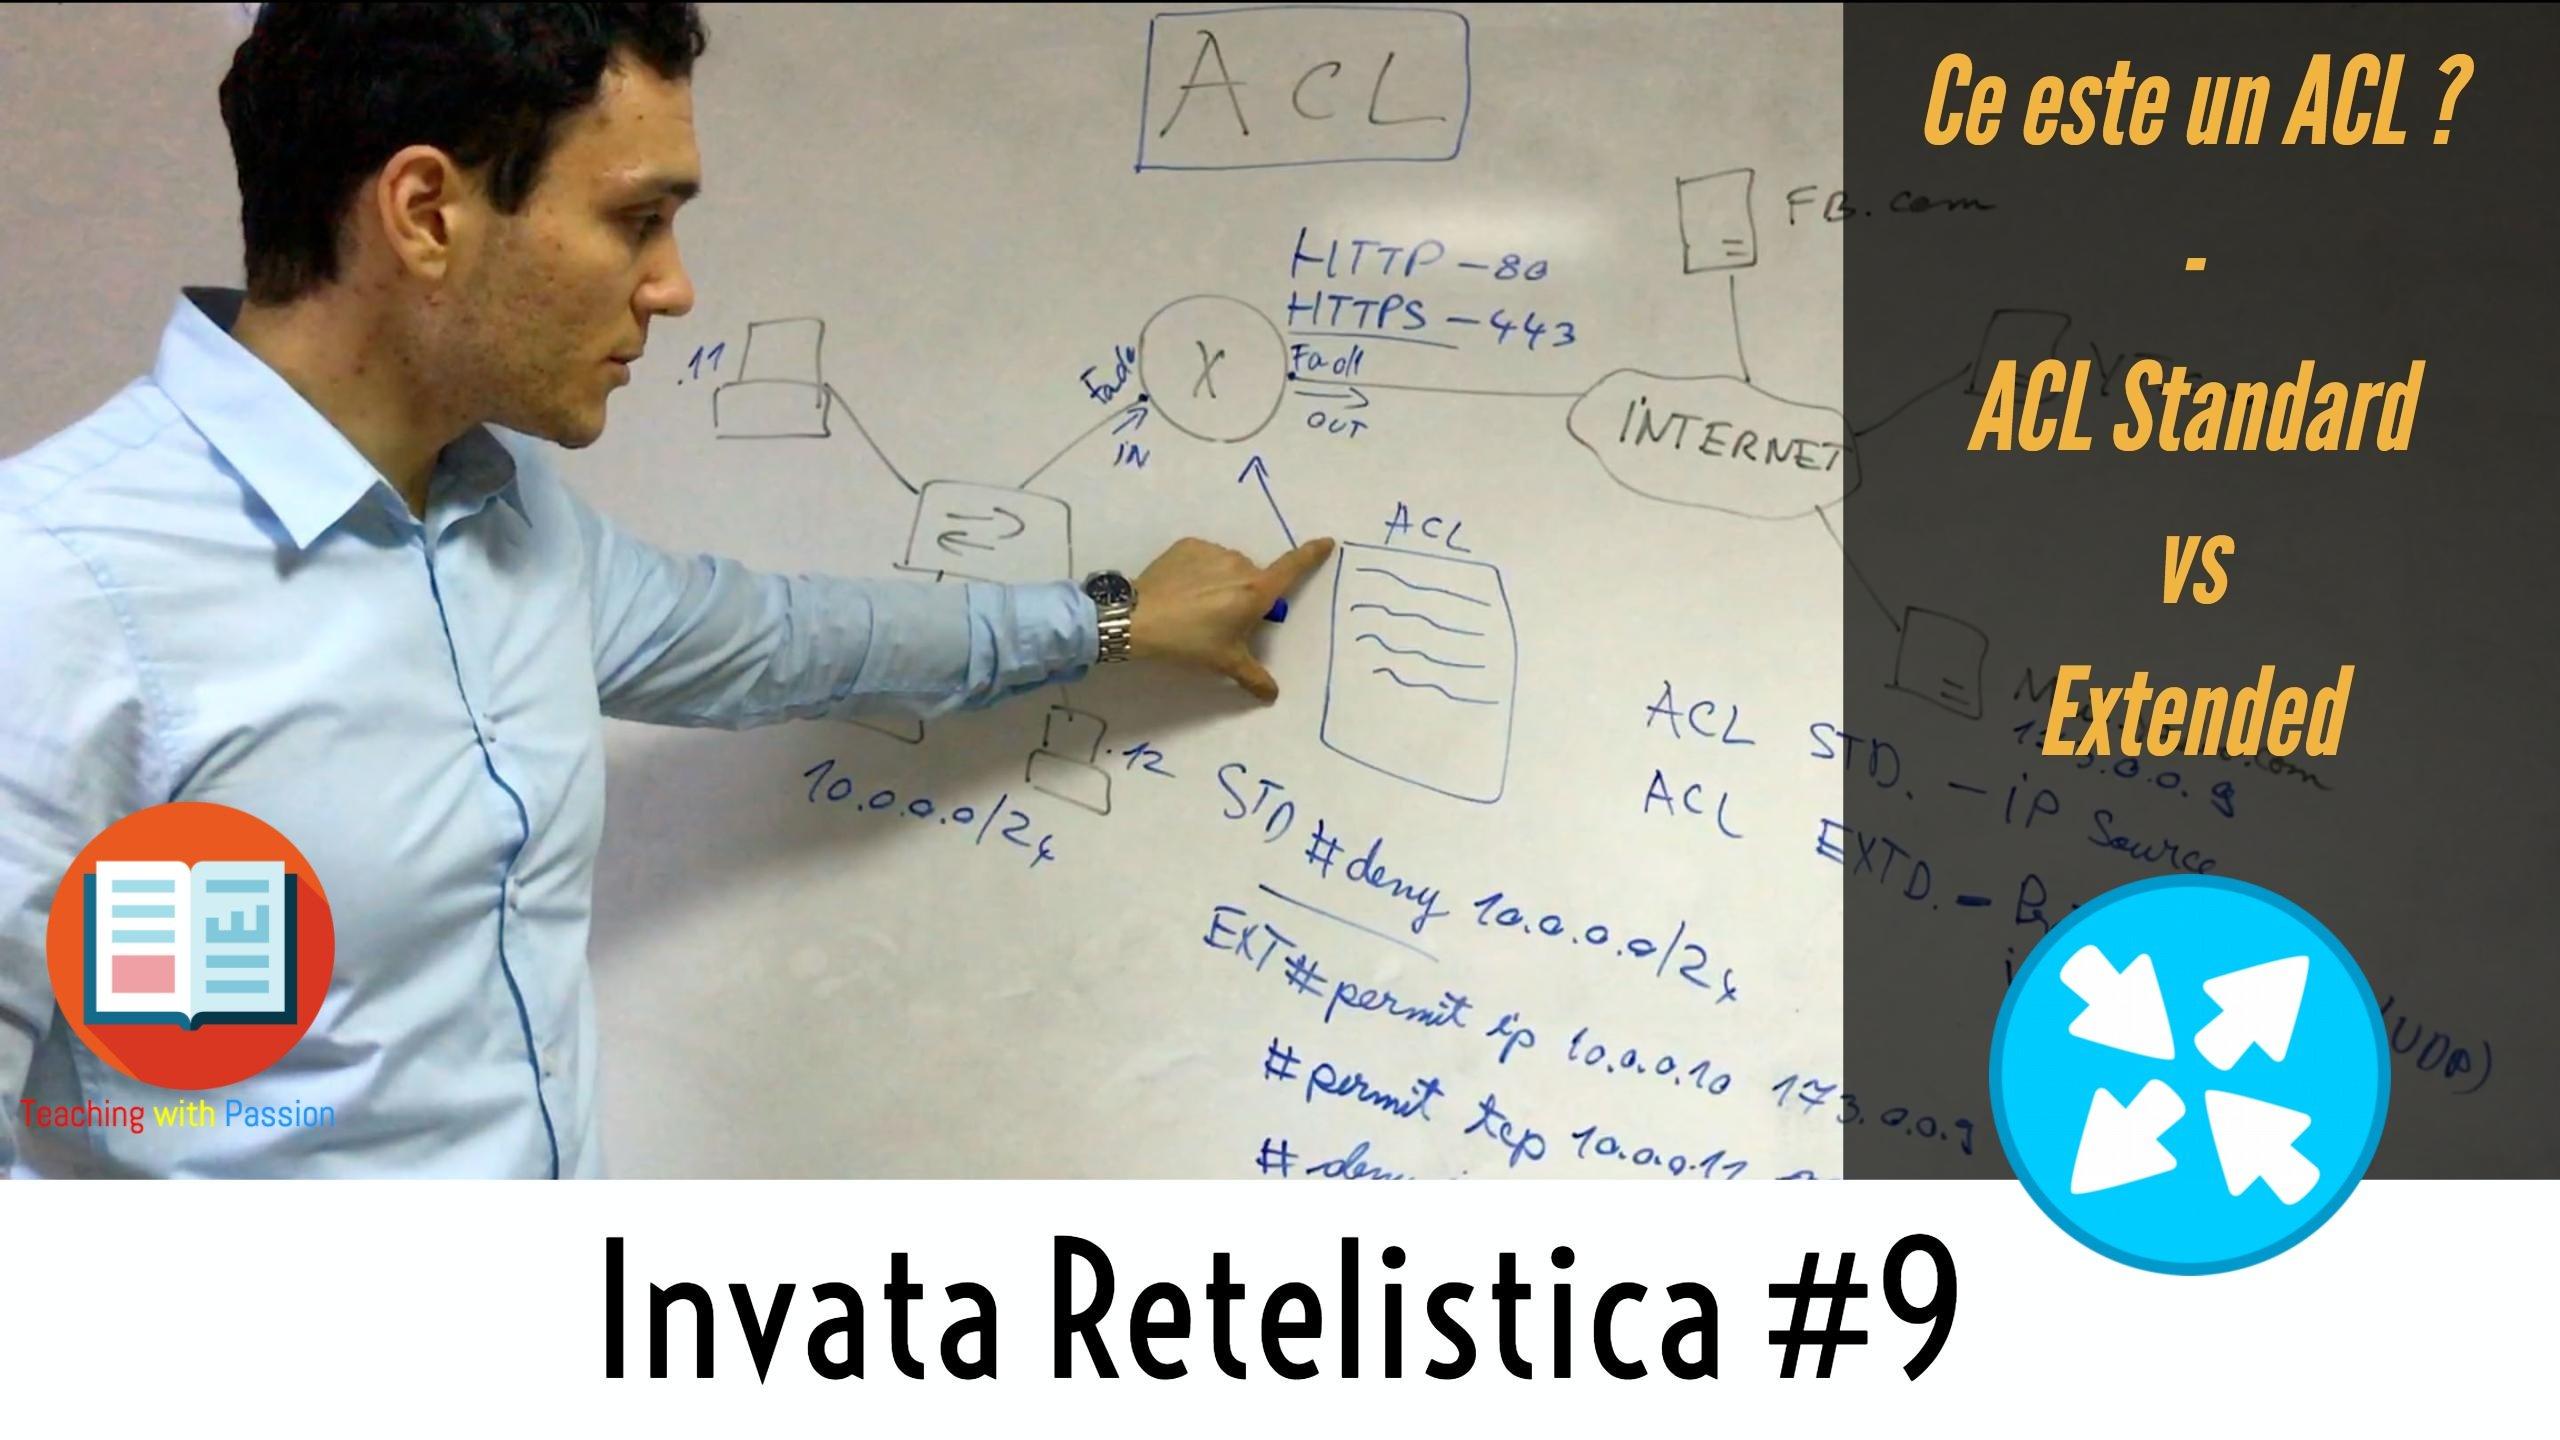 Securitatea in Retea cu ACL (Access Control List) | Invata Retelistica #9